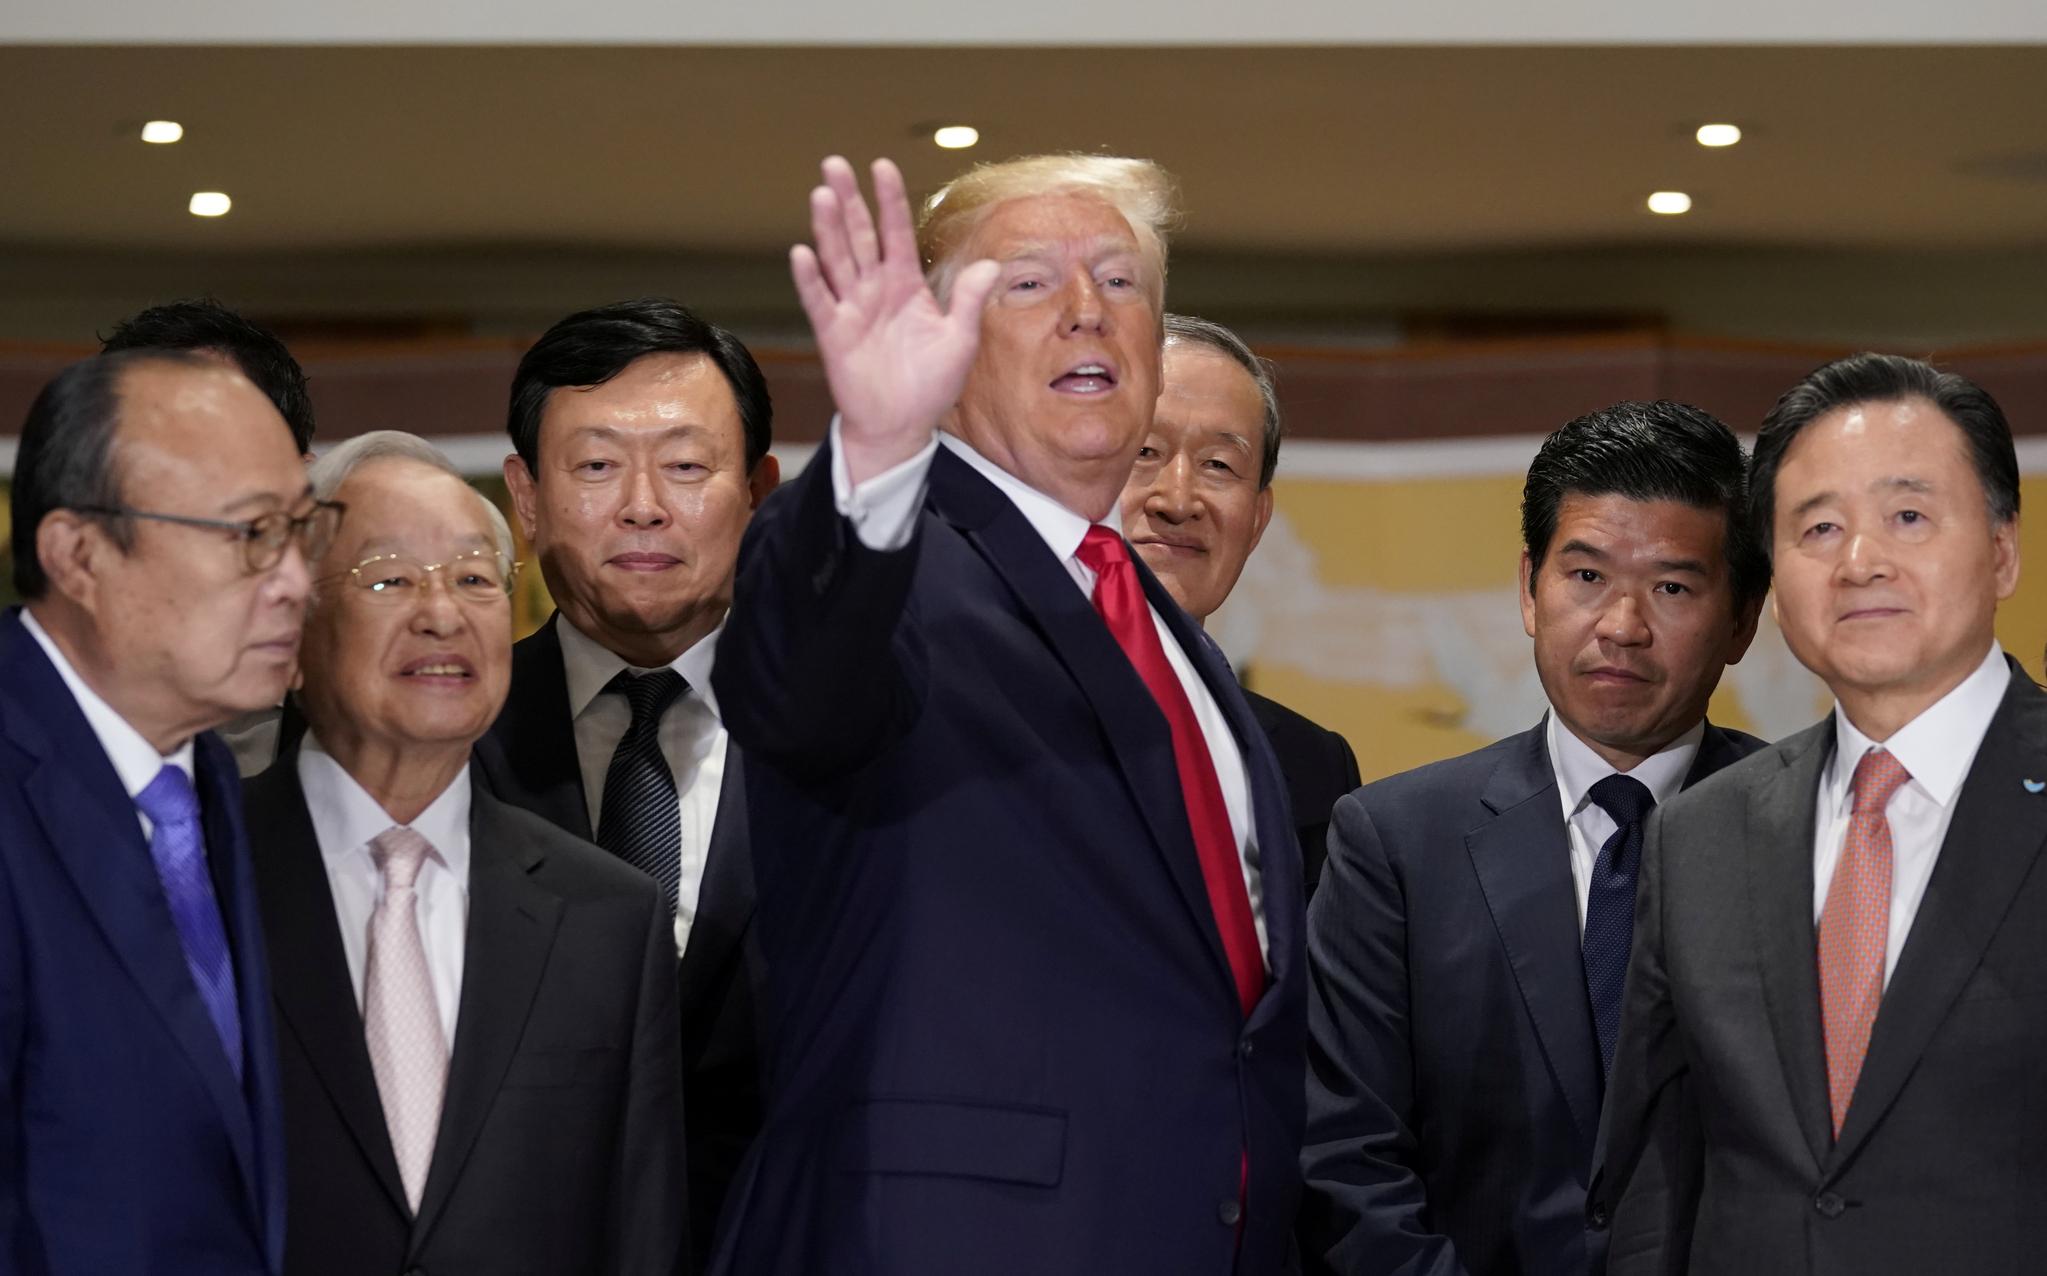 도널드 트럼프 미국 대통령이 30일 기업인 간담회에서 큰 동작을 하며 이야기하고 있다.[로이터=연합뉴스]